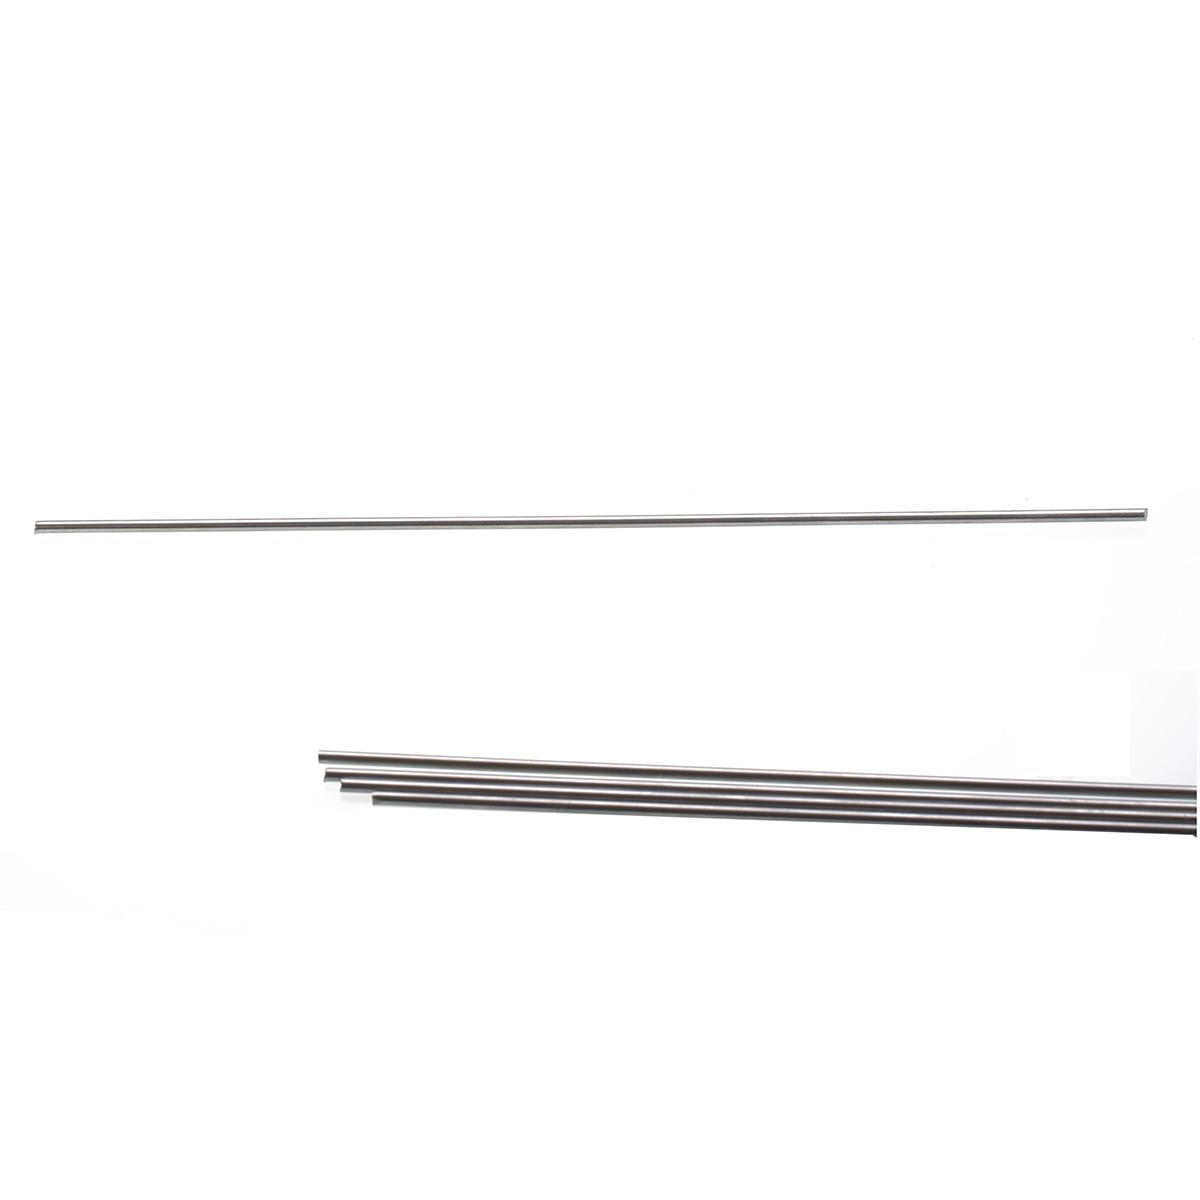 Image 5 - 5 pcs Grau 5 GR5 Hastes de Titânio Ti Bar Vara Eixo Ferramentas  25 3mm de Diâmetro cm de Comprimento Para As Indústriasdiameter   -